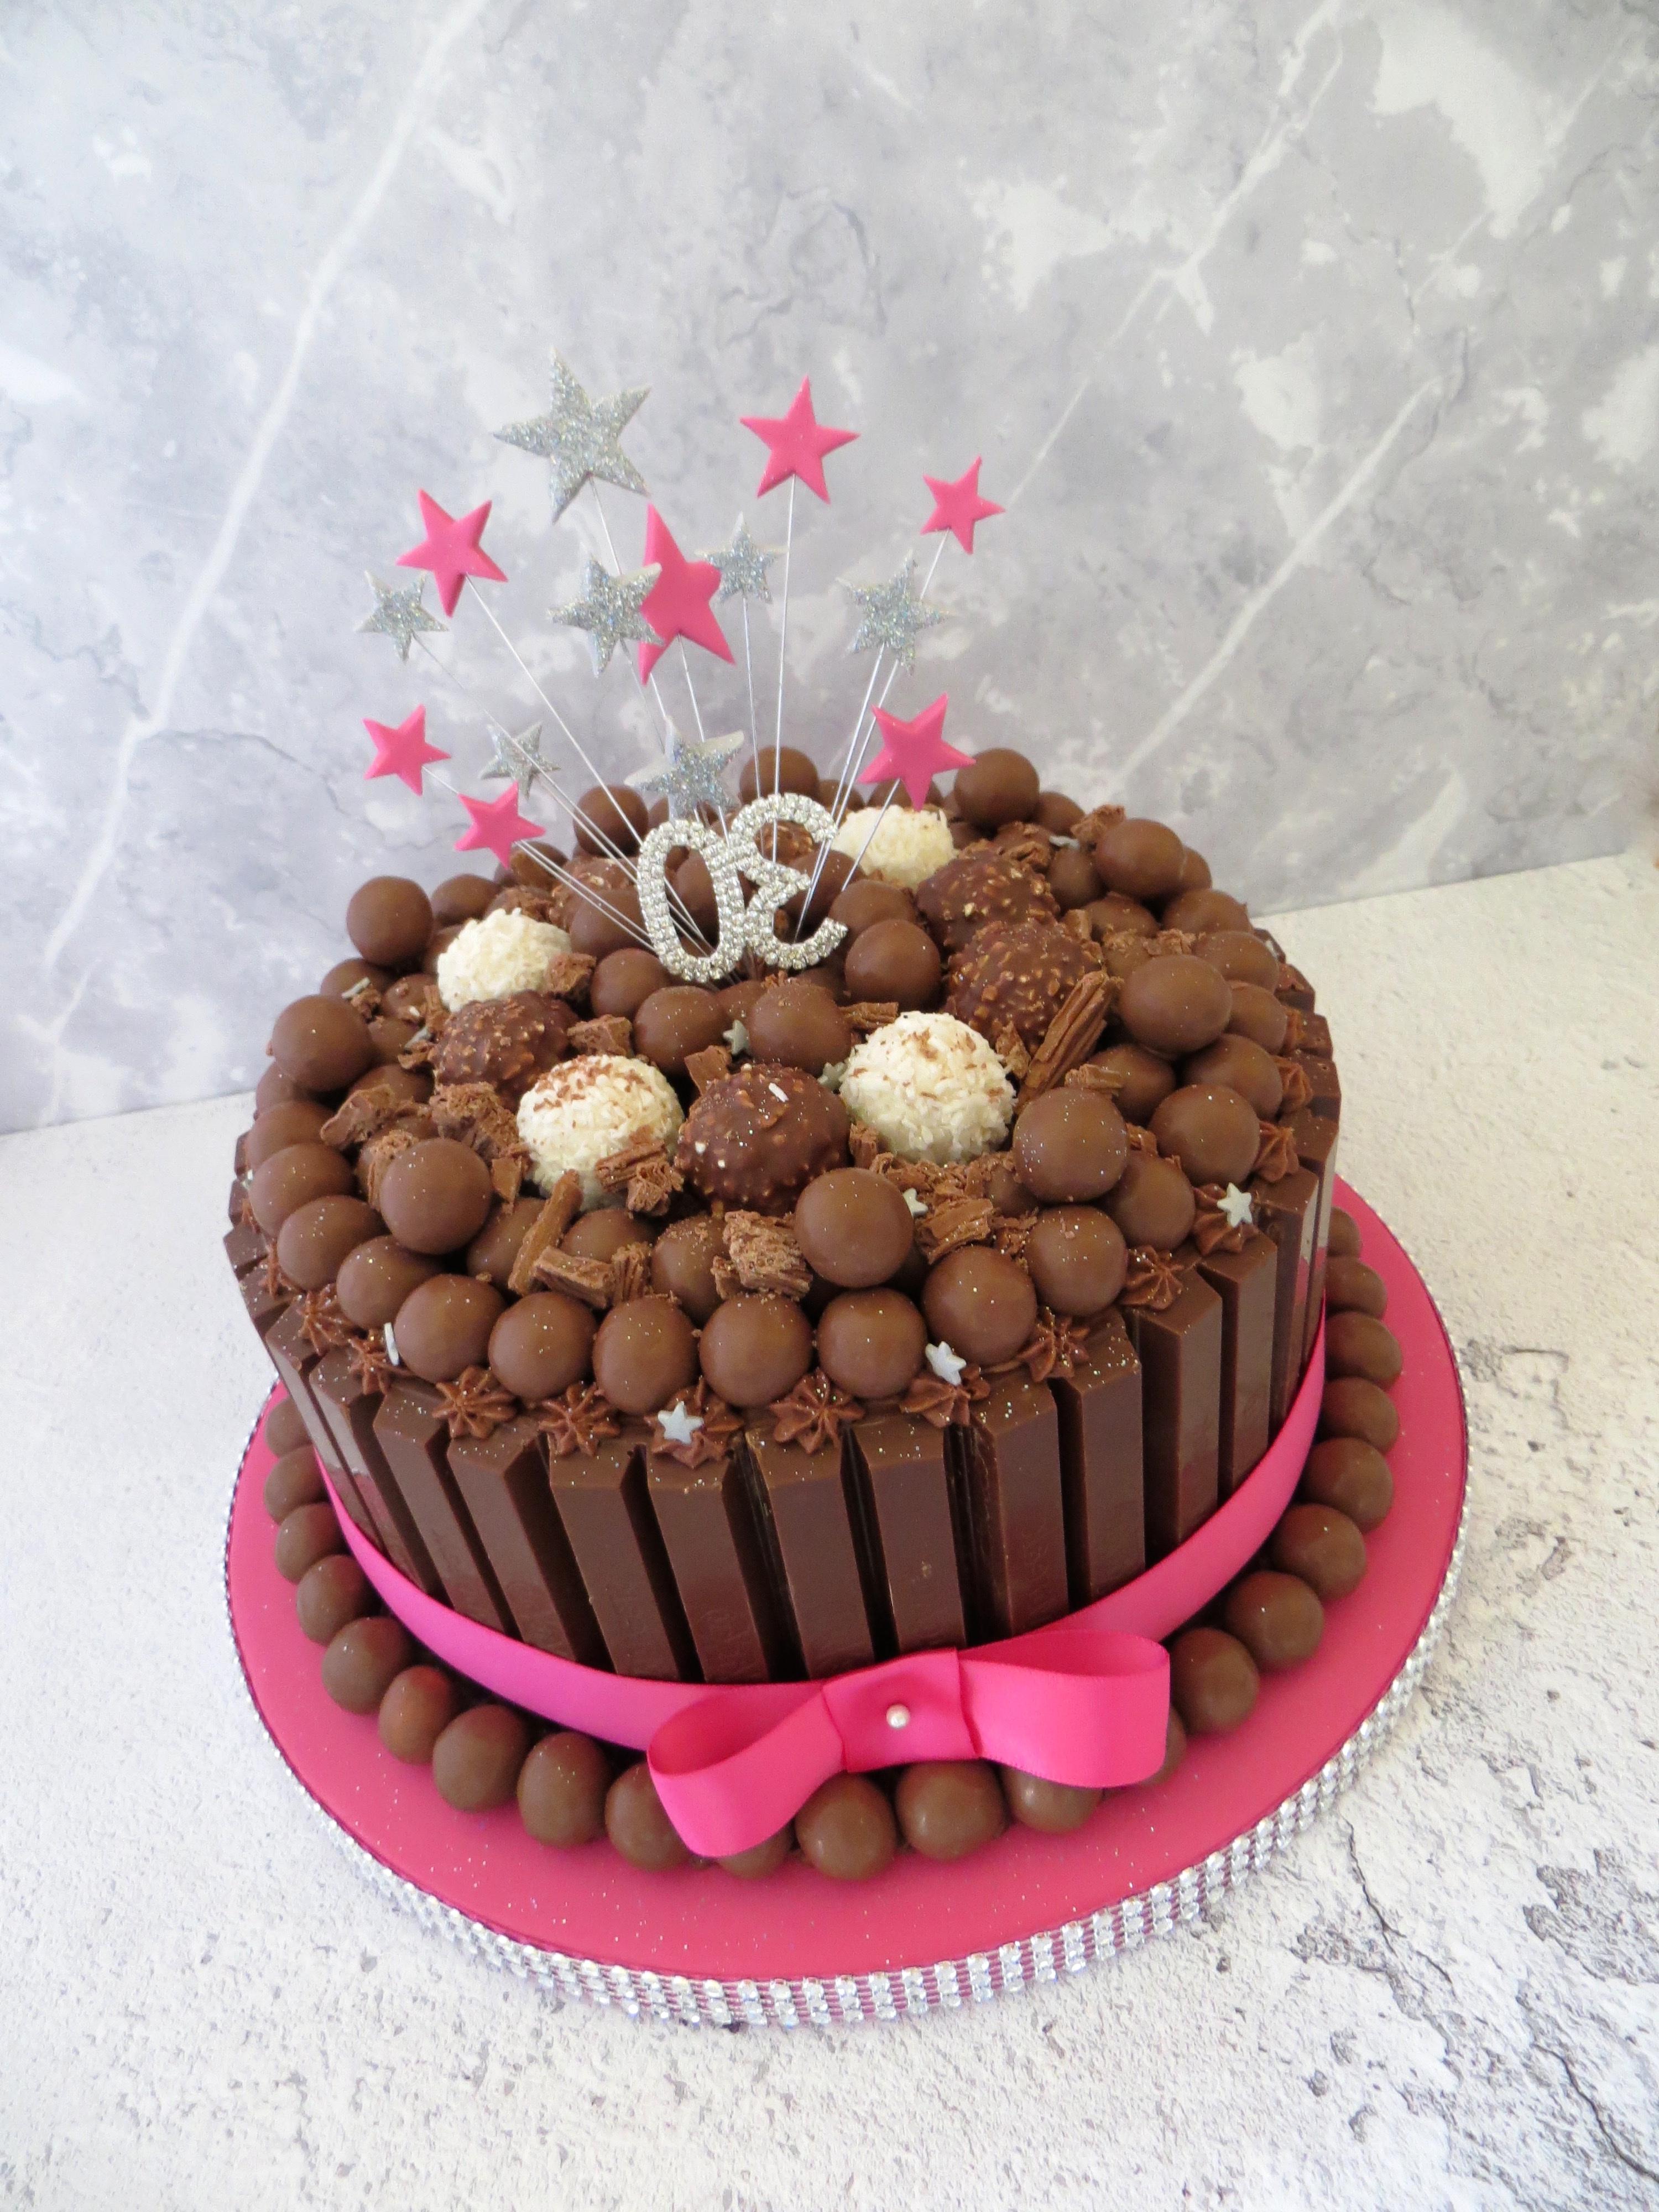 Gâteau au chocolat et aux noisettes -une recette facile et surtout bonne